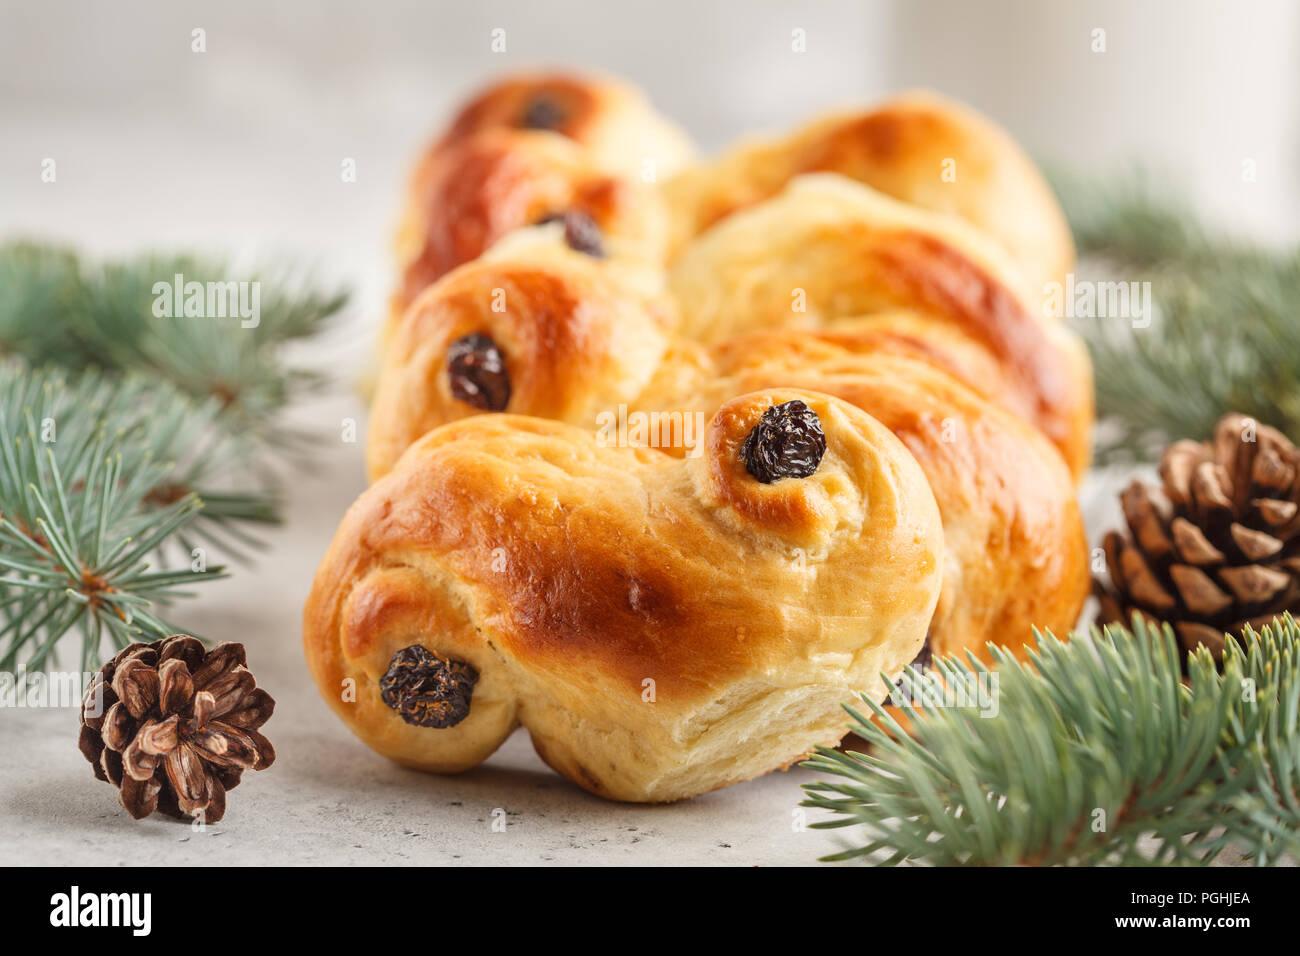 Traditional Swedish Christmas saffron buns (lussebulle or lussekatt). Swedish christmas. White background, Christmas decoration. Stock Photo